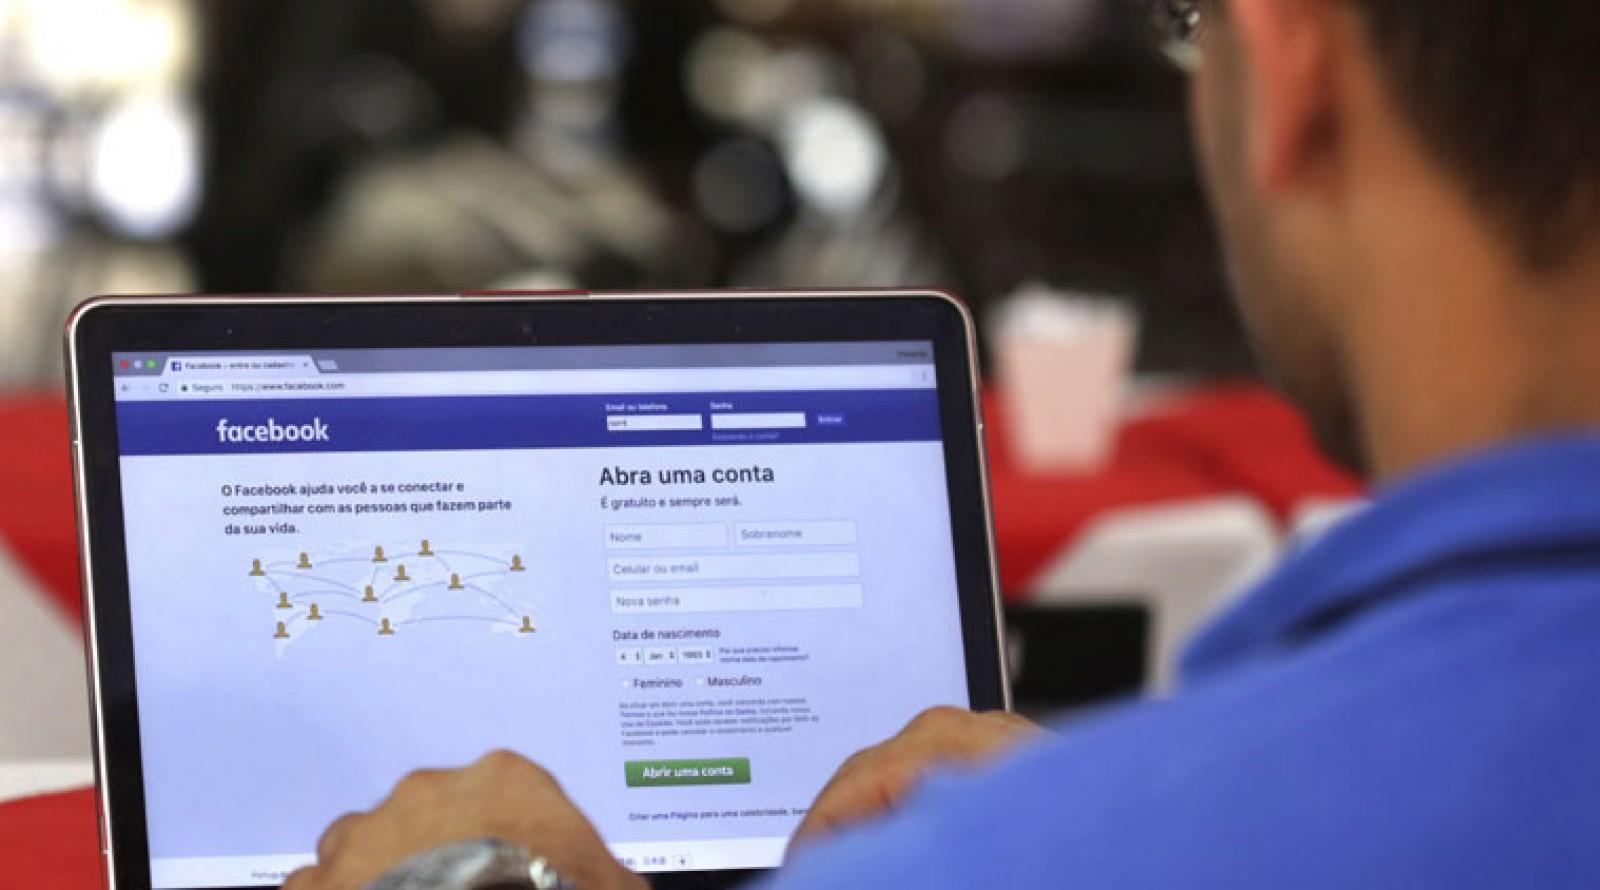 Facebook: Cambridge Analytica ar fi avut acces la datele a circa 87 de milioane de utilizatori ai rețelei de socializare